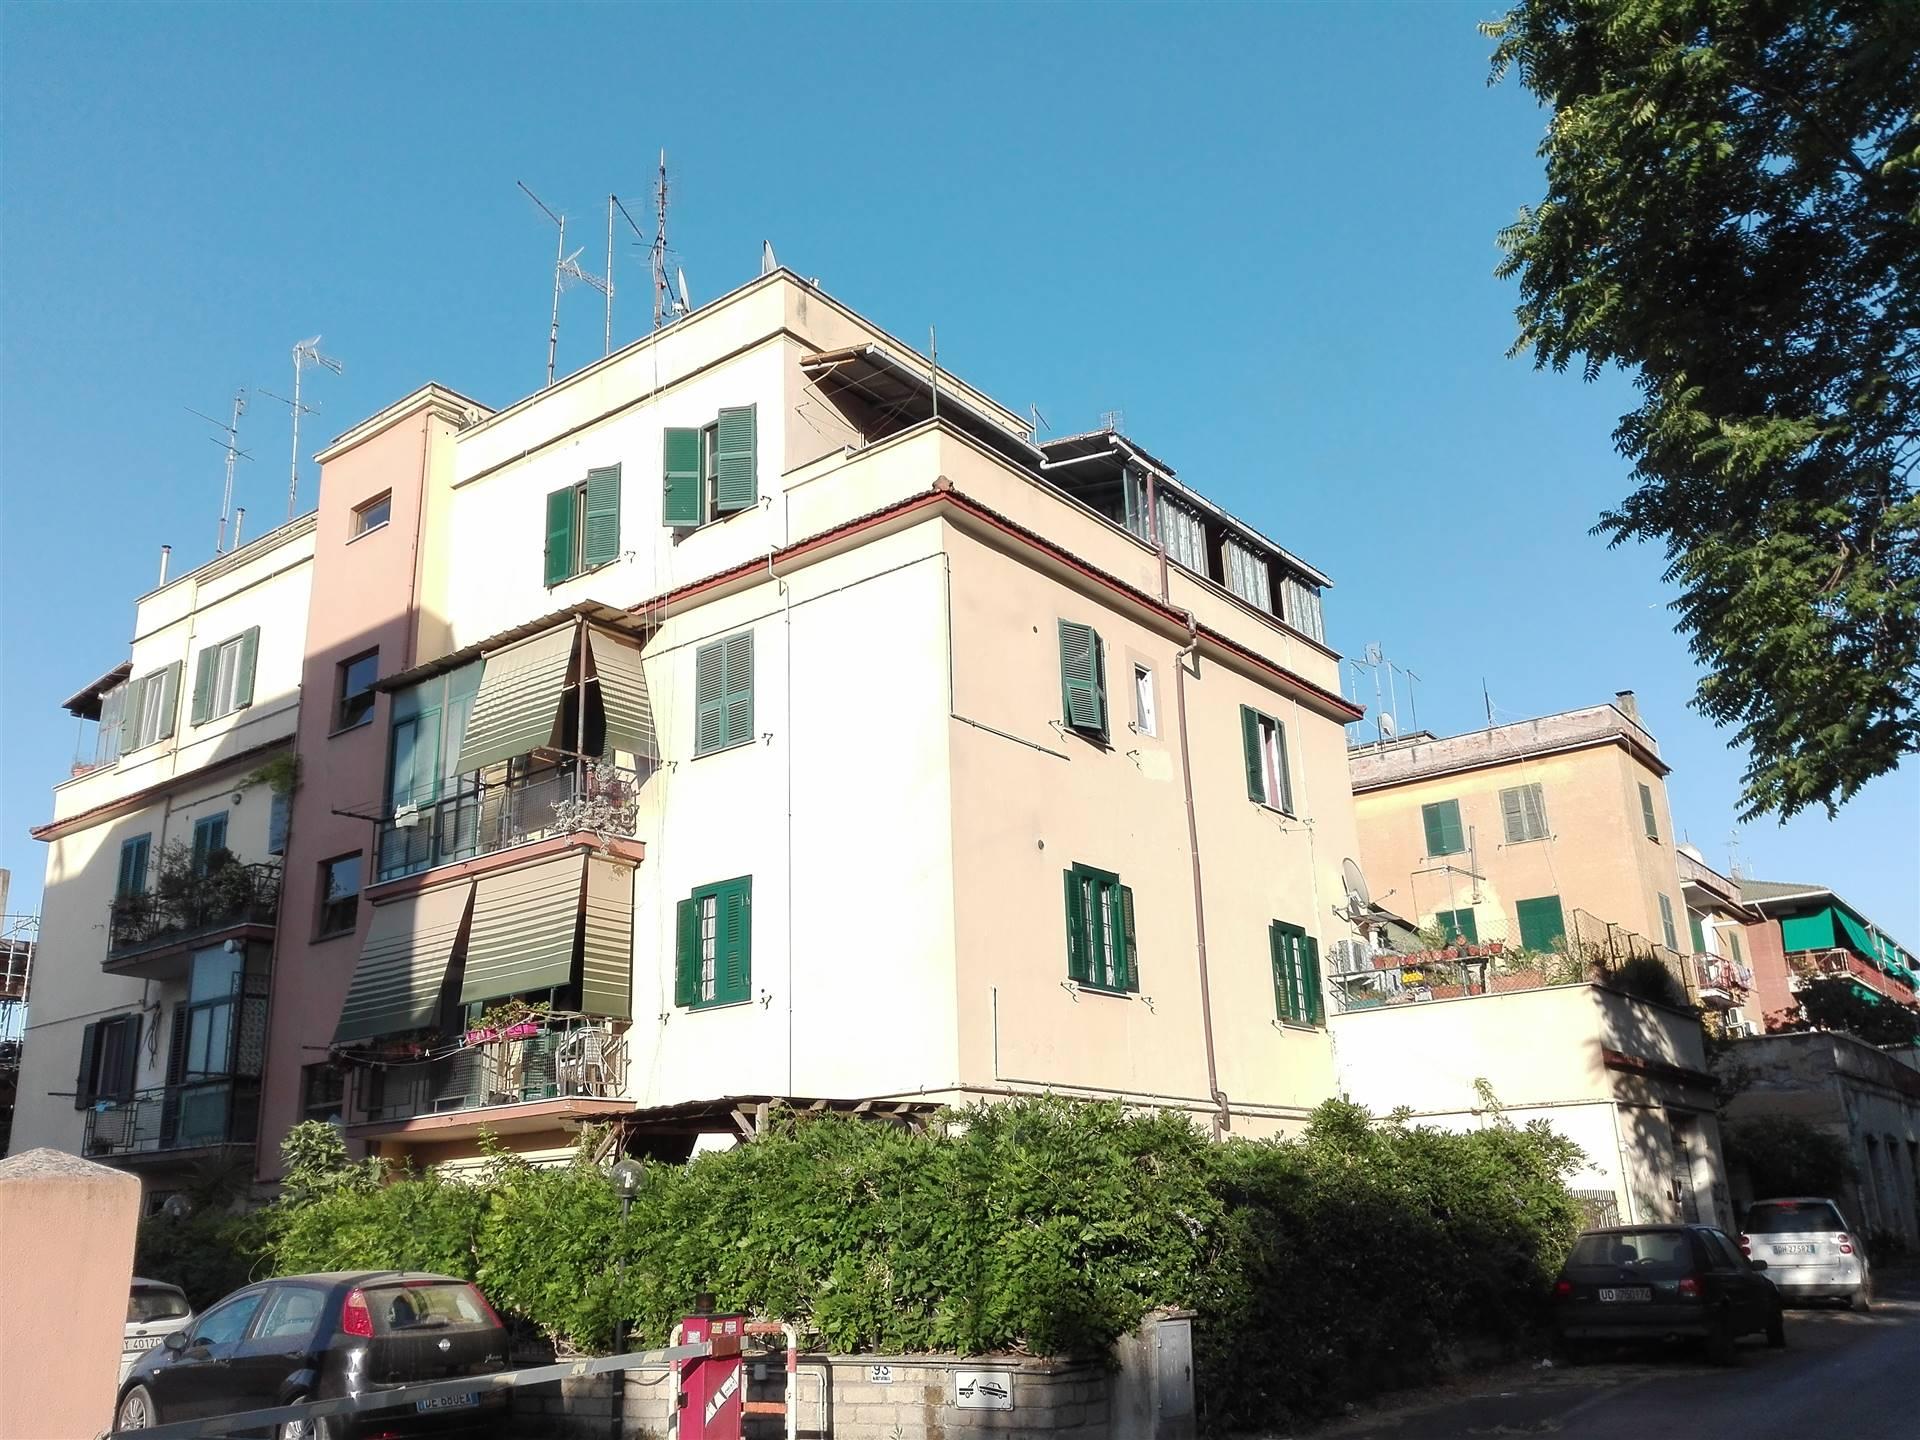 COLLI ALBANI/ARCO DI TRAVERTINO, Stanza/Camera in affitto di 20 Mq, Ottime condizioni, Riscaldamento Autonomo, Classe energetica: G, posta al piano